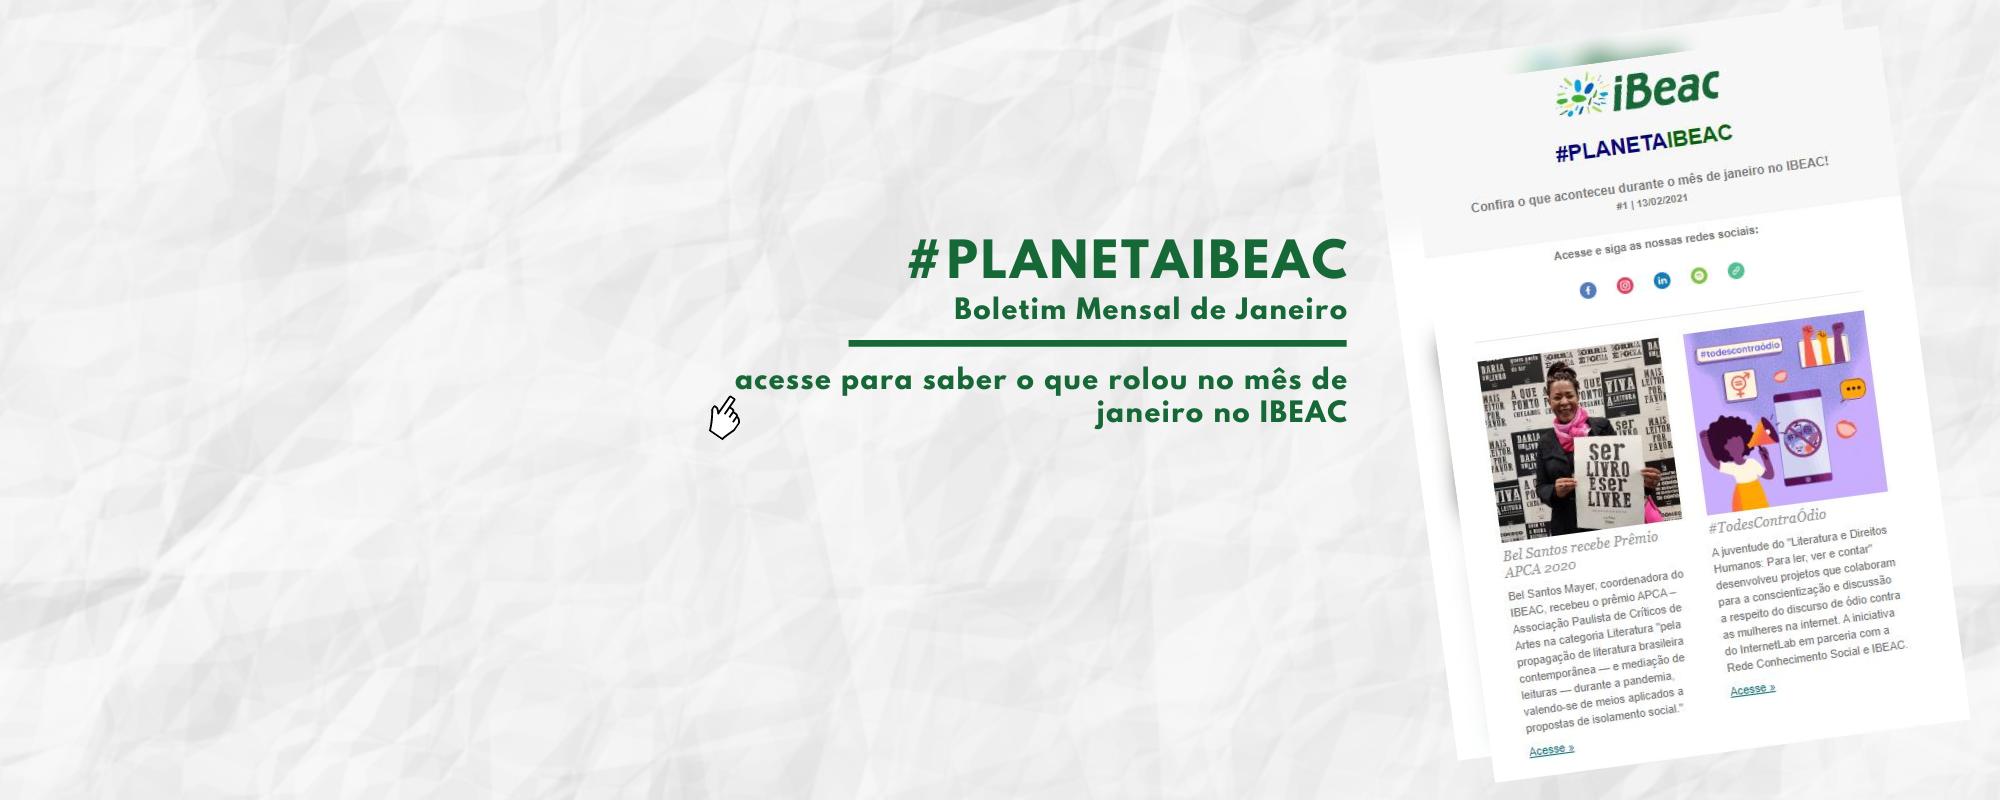 #PlanetaIbeac Boletim Mensal de Janeiro